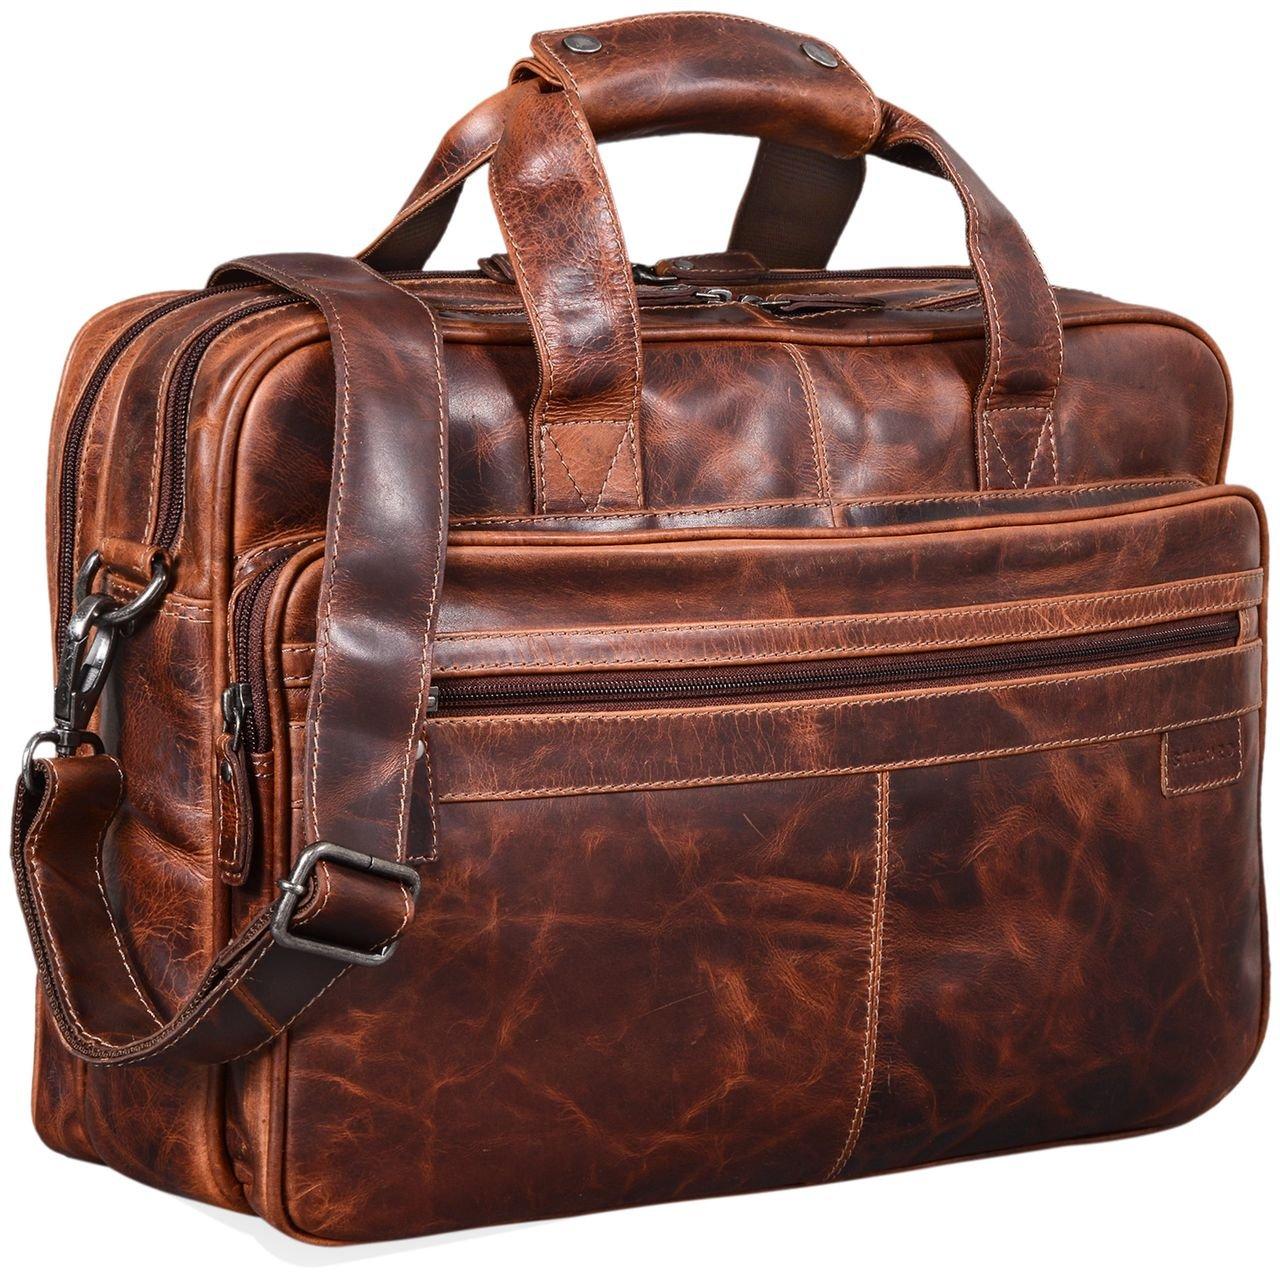 STILORD 'Atlantis' Leder Aktentasche groß Vintage Lehrertasche Arbeitstasche große Ledertasche Businesstasche zum Umhängen Trolley aufsteckbar, Farbe:anthrazit